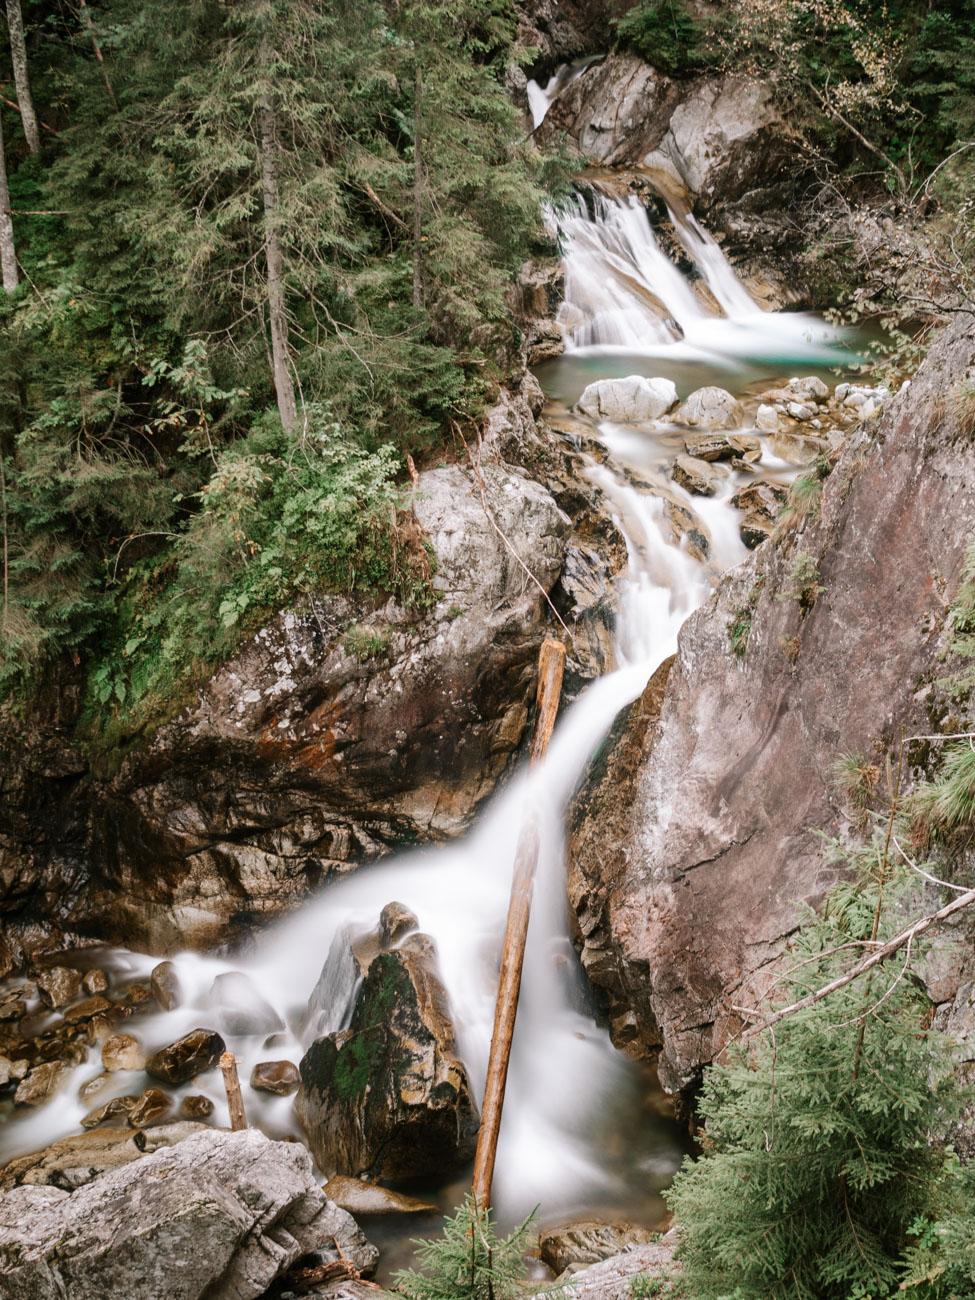 Wodogrzmoty Mickiewicza Waterfall en-route to Morskie Oko